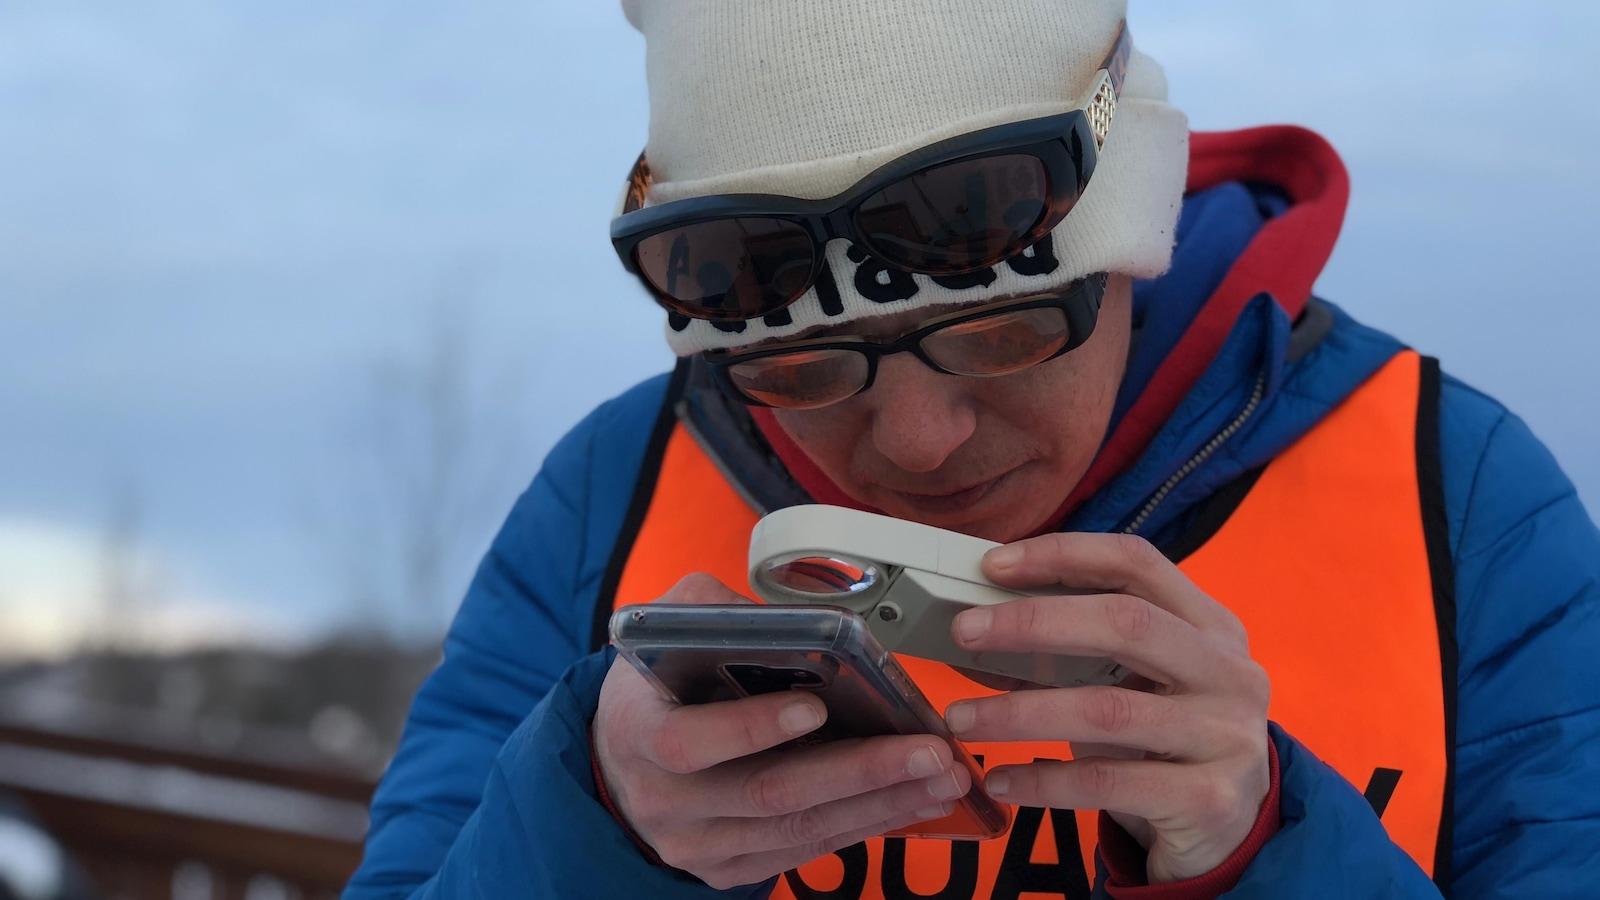 Julie Mayer prend quelques minutes pour observer son application sur le téléphone cellulaire, avant le départ de son entraînement.